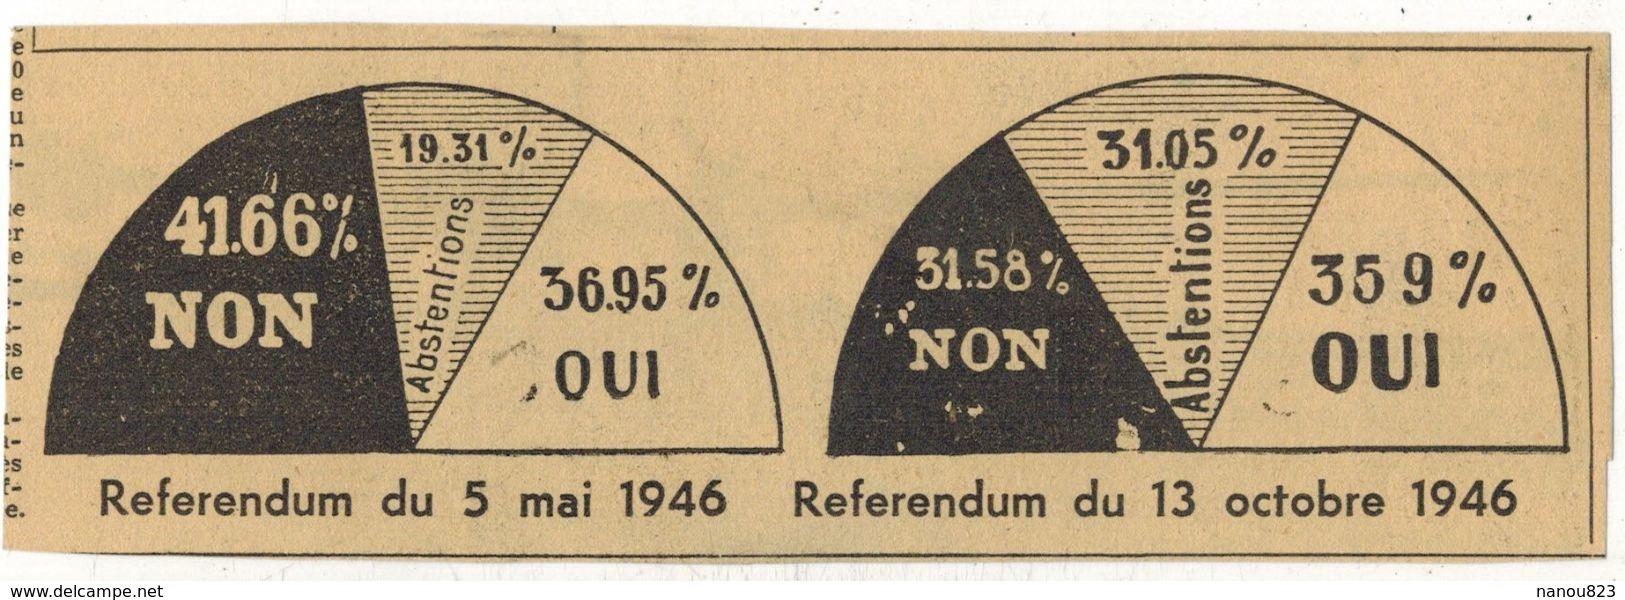 ANNEE 1946 POLITIQUE FRAGMENT Journal MIDI LIBRE Ed Narbonne Référendum 5 Et 13 Mai - Giornali